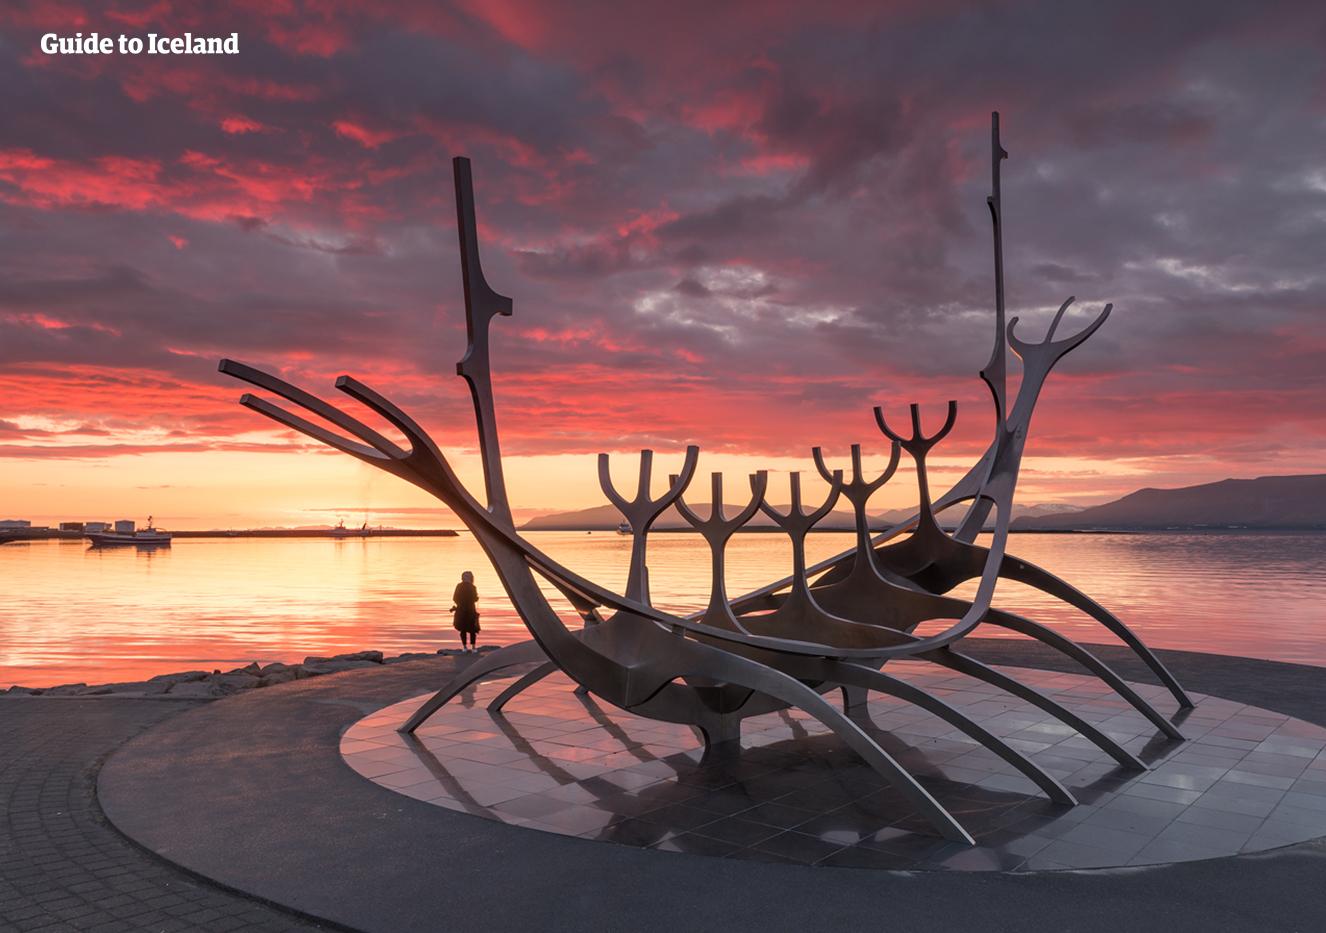 矗立海边的太阳航海者是冰岛首都雷克雅未克的地标景点之一